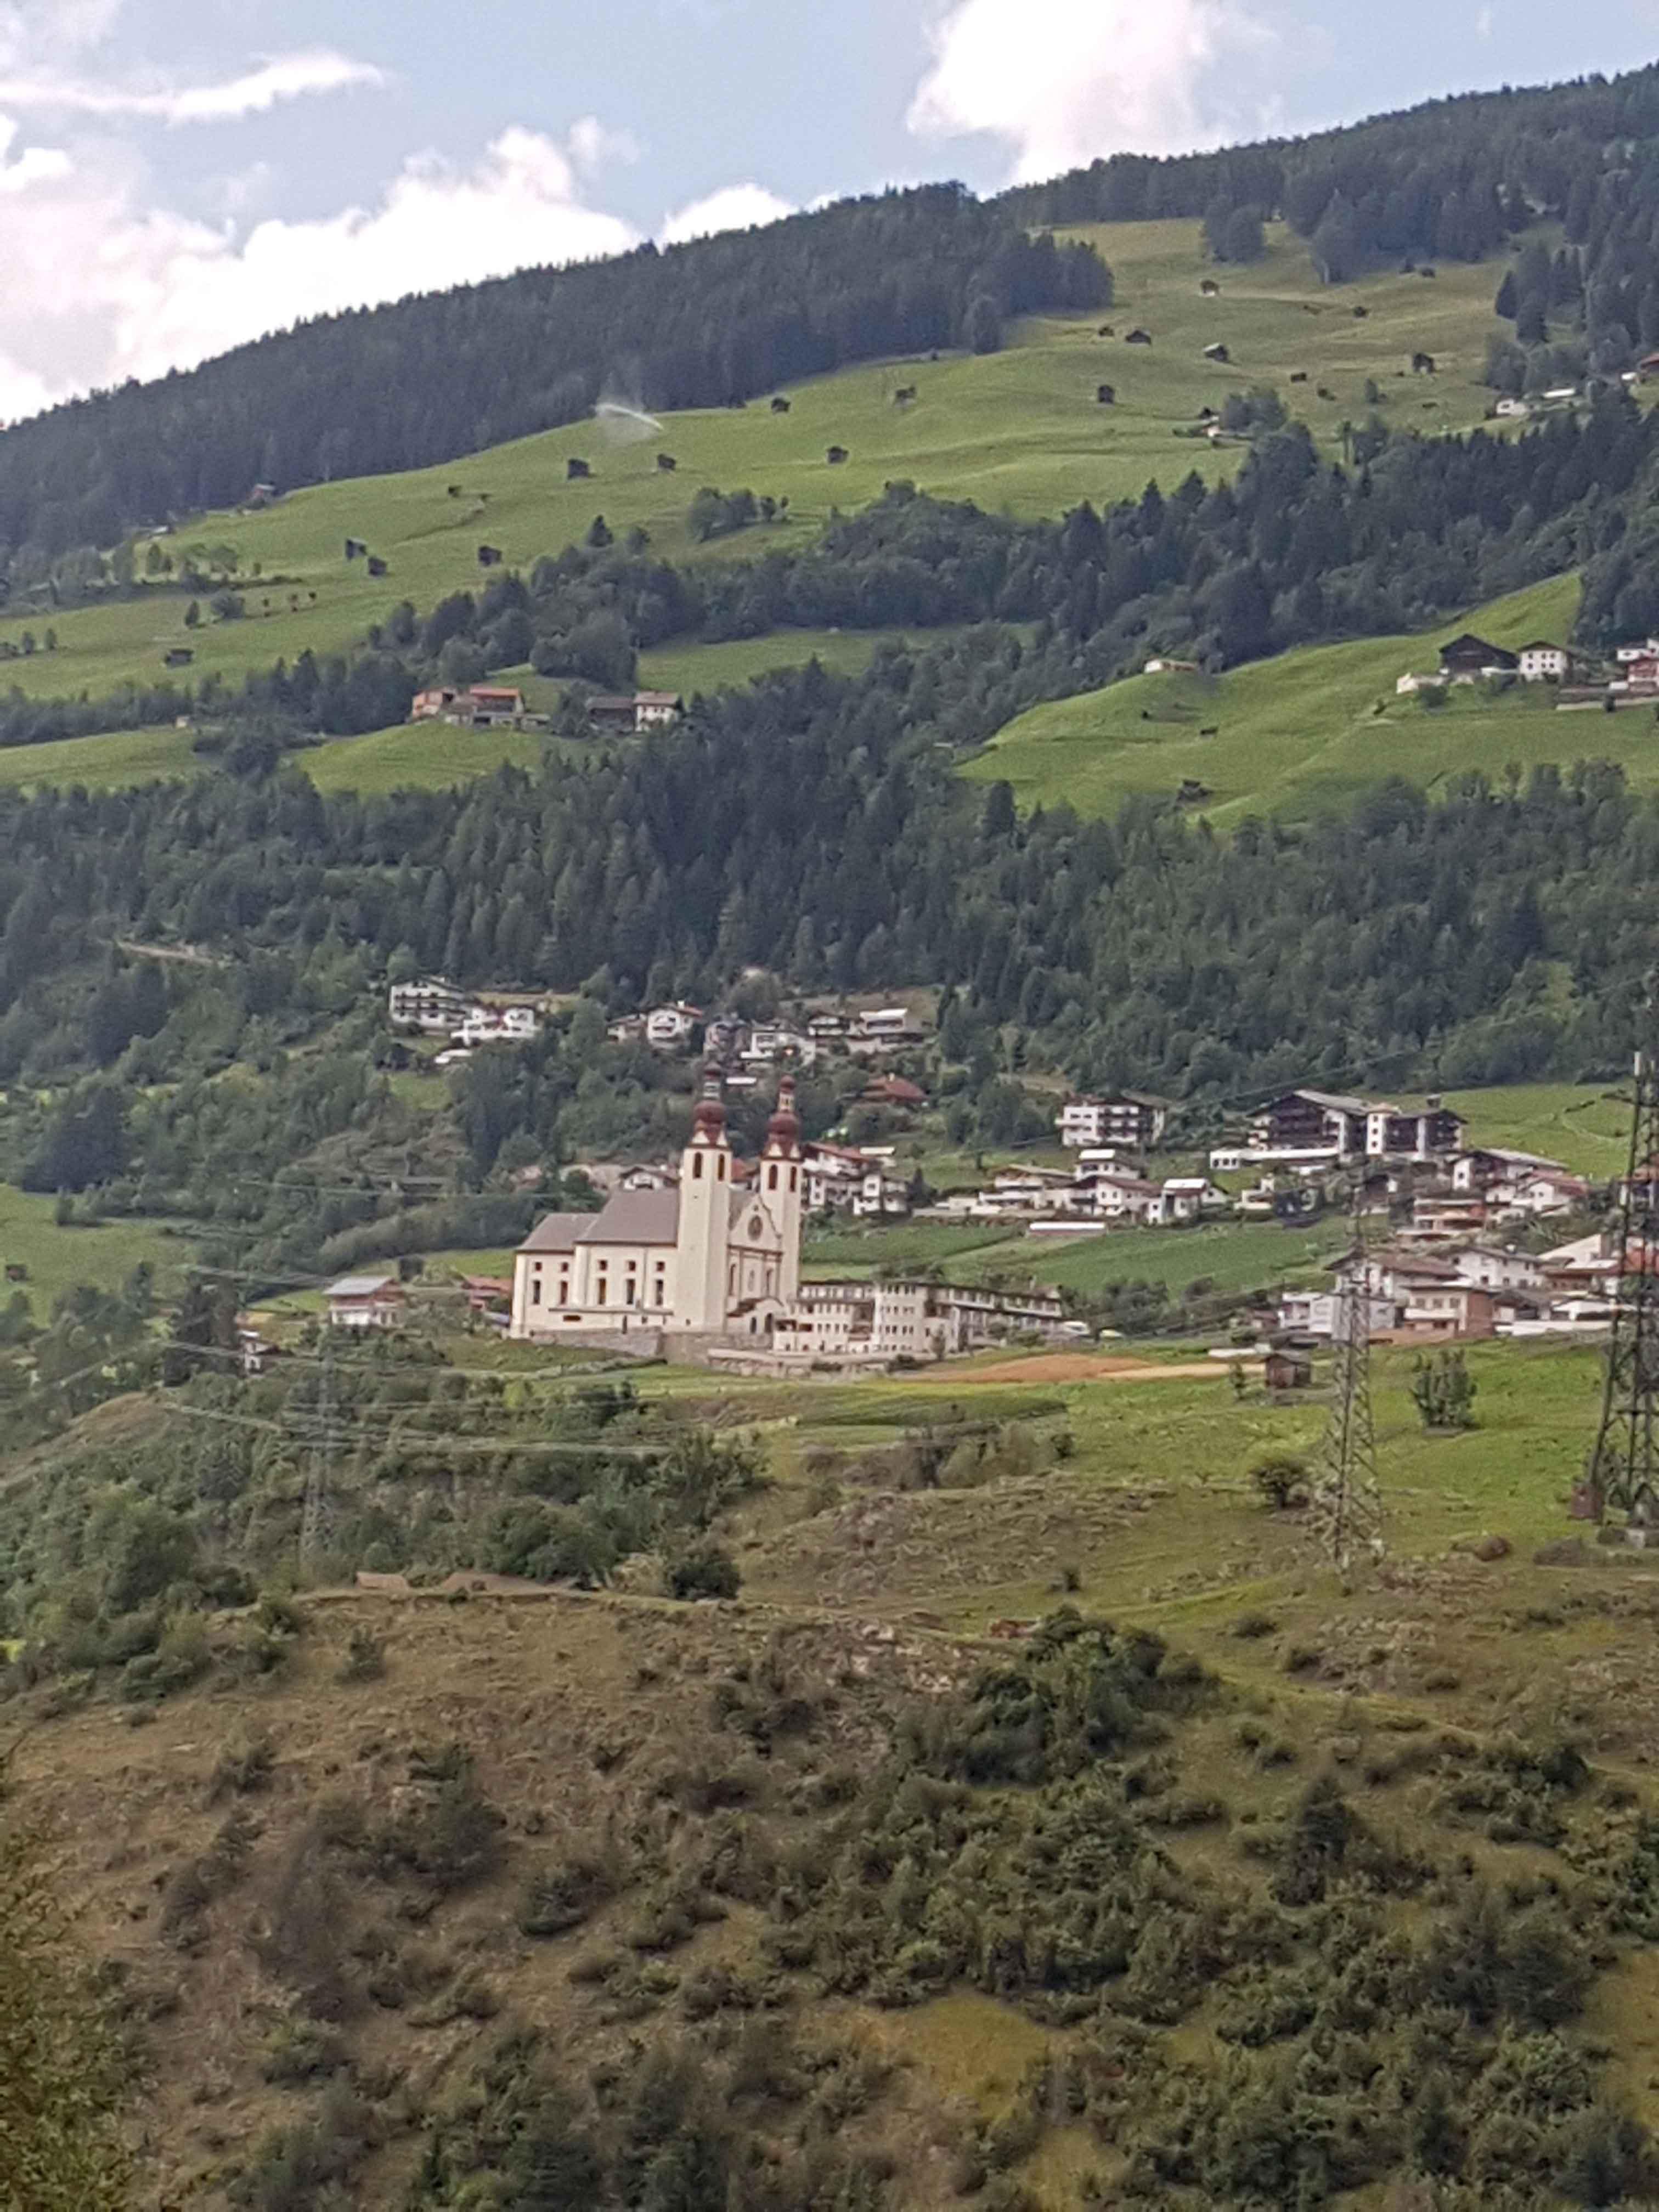 Appartement Tirol Huren Fliess , Oostenrijk (img nr 8)